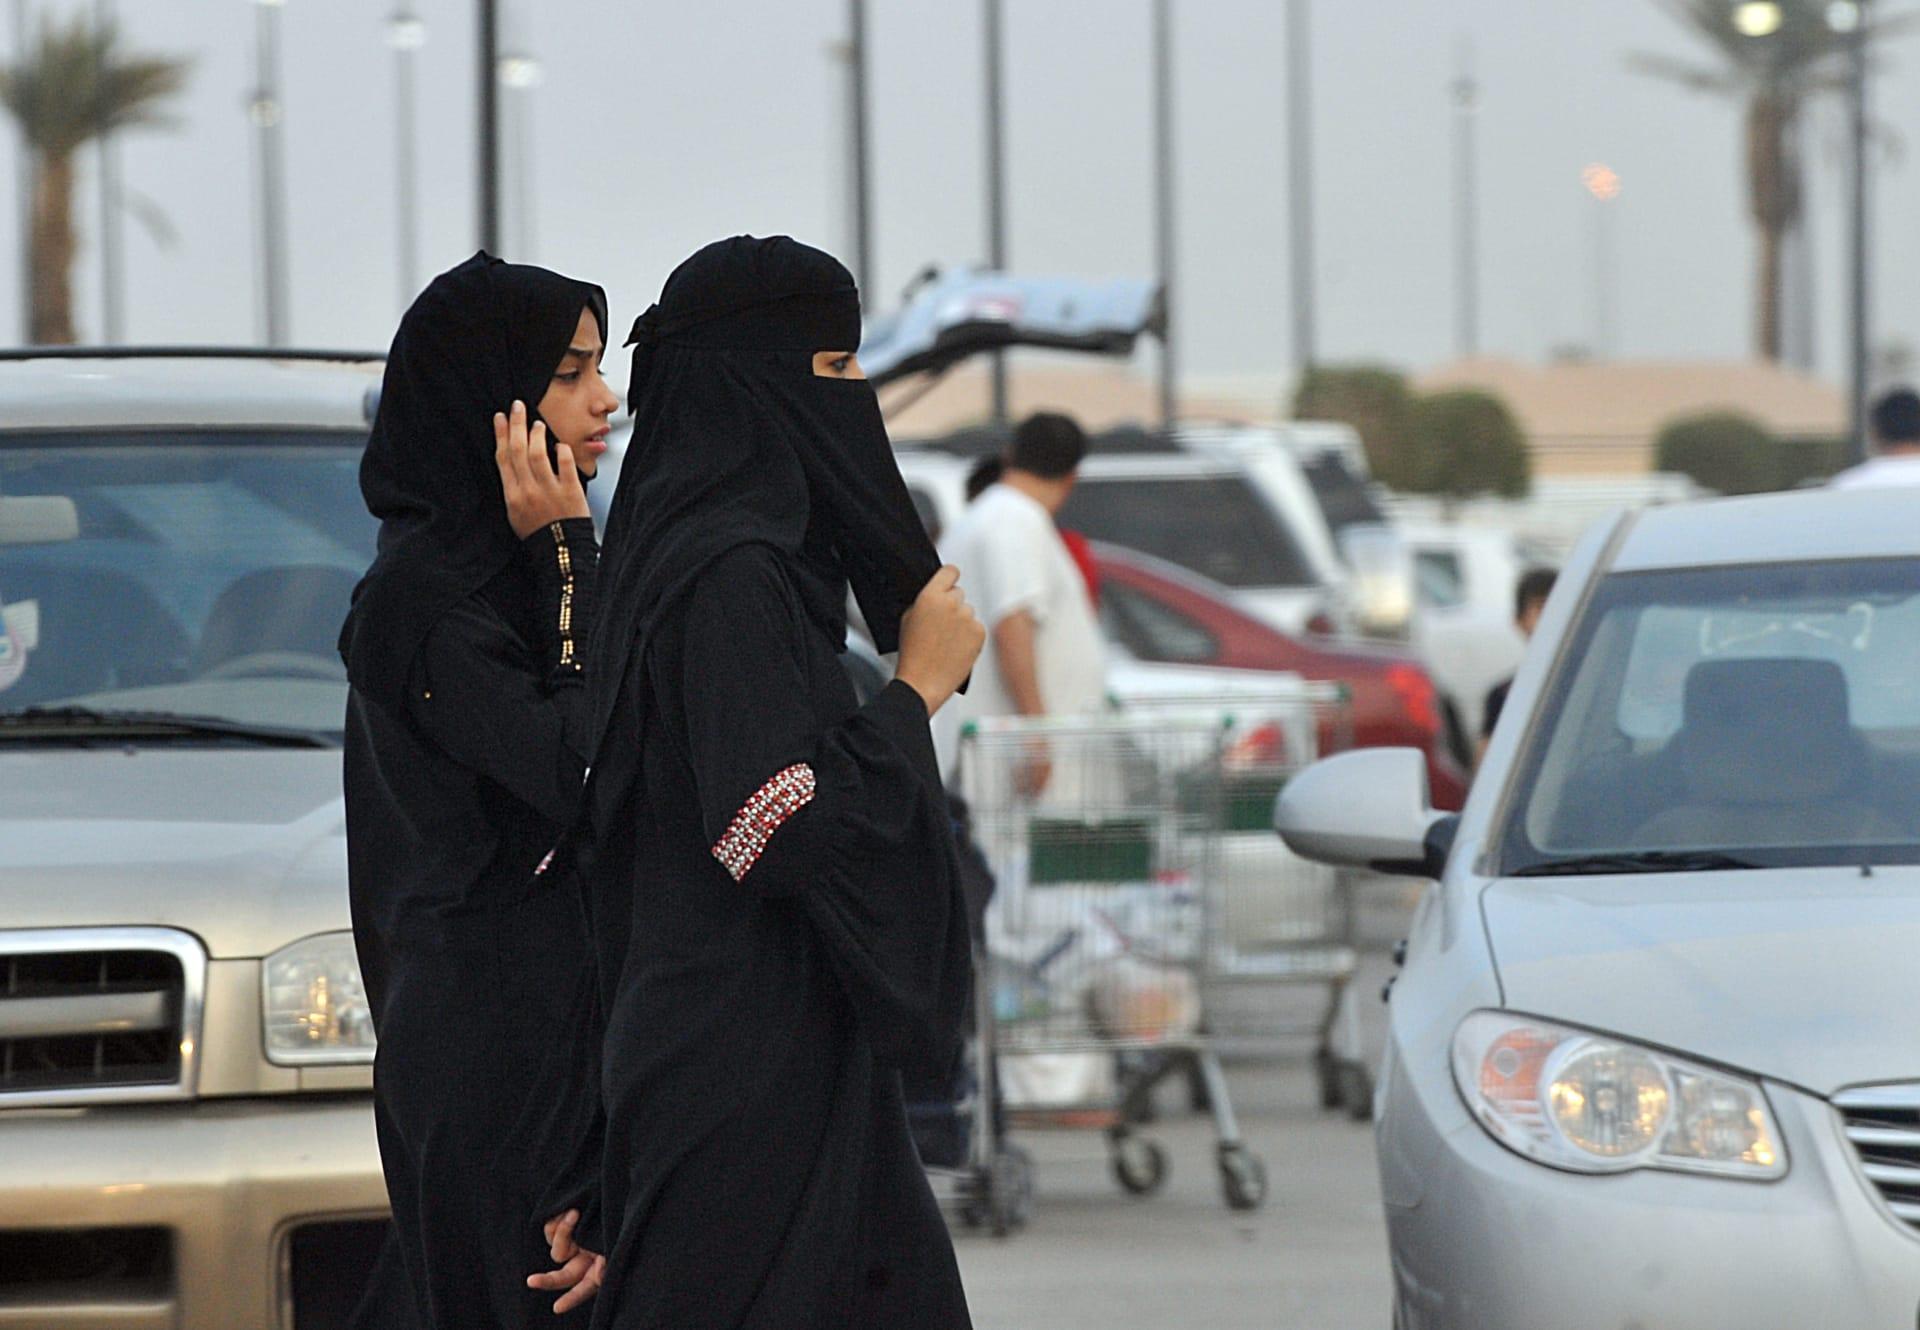 عضو بمجلس الشورى السعودي توقعت في مقابلة مع CNN صدور أمر ملكي بالسماح للمرأة بالقيادة